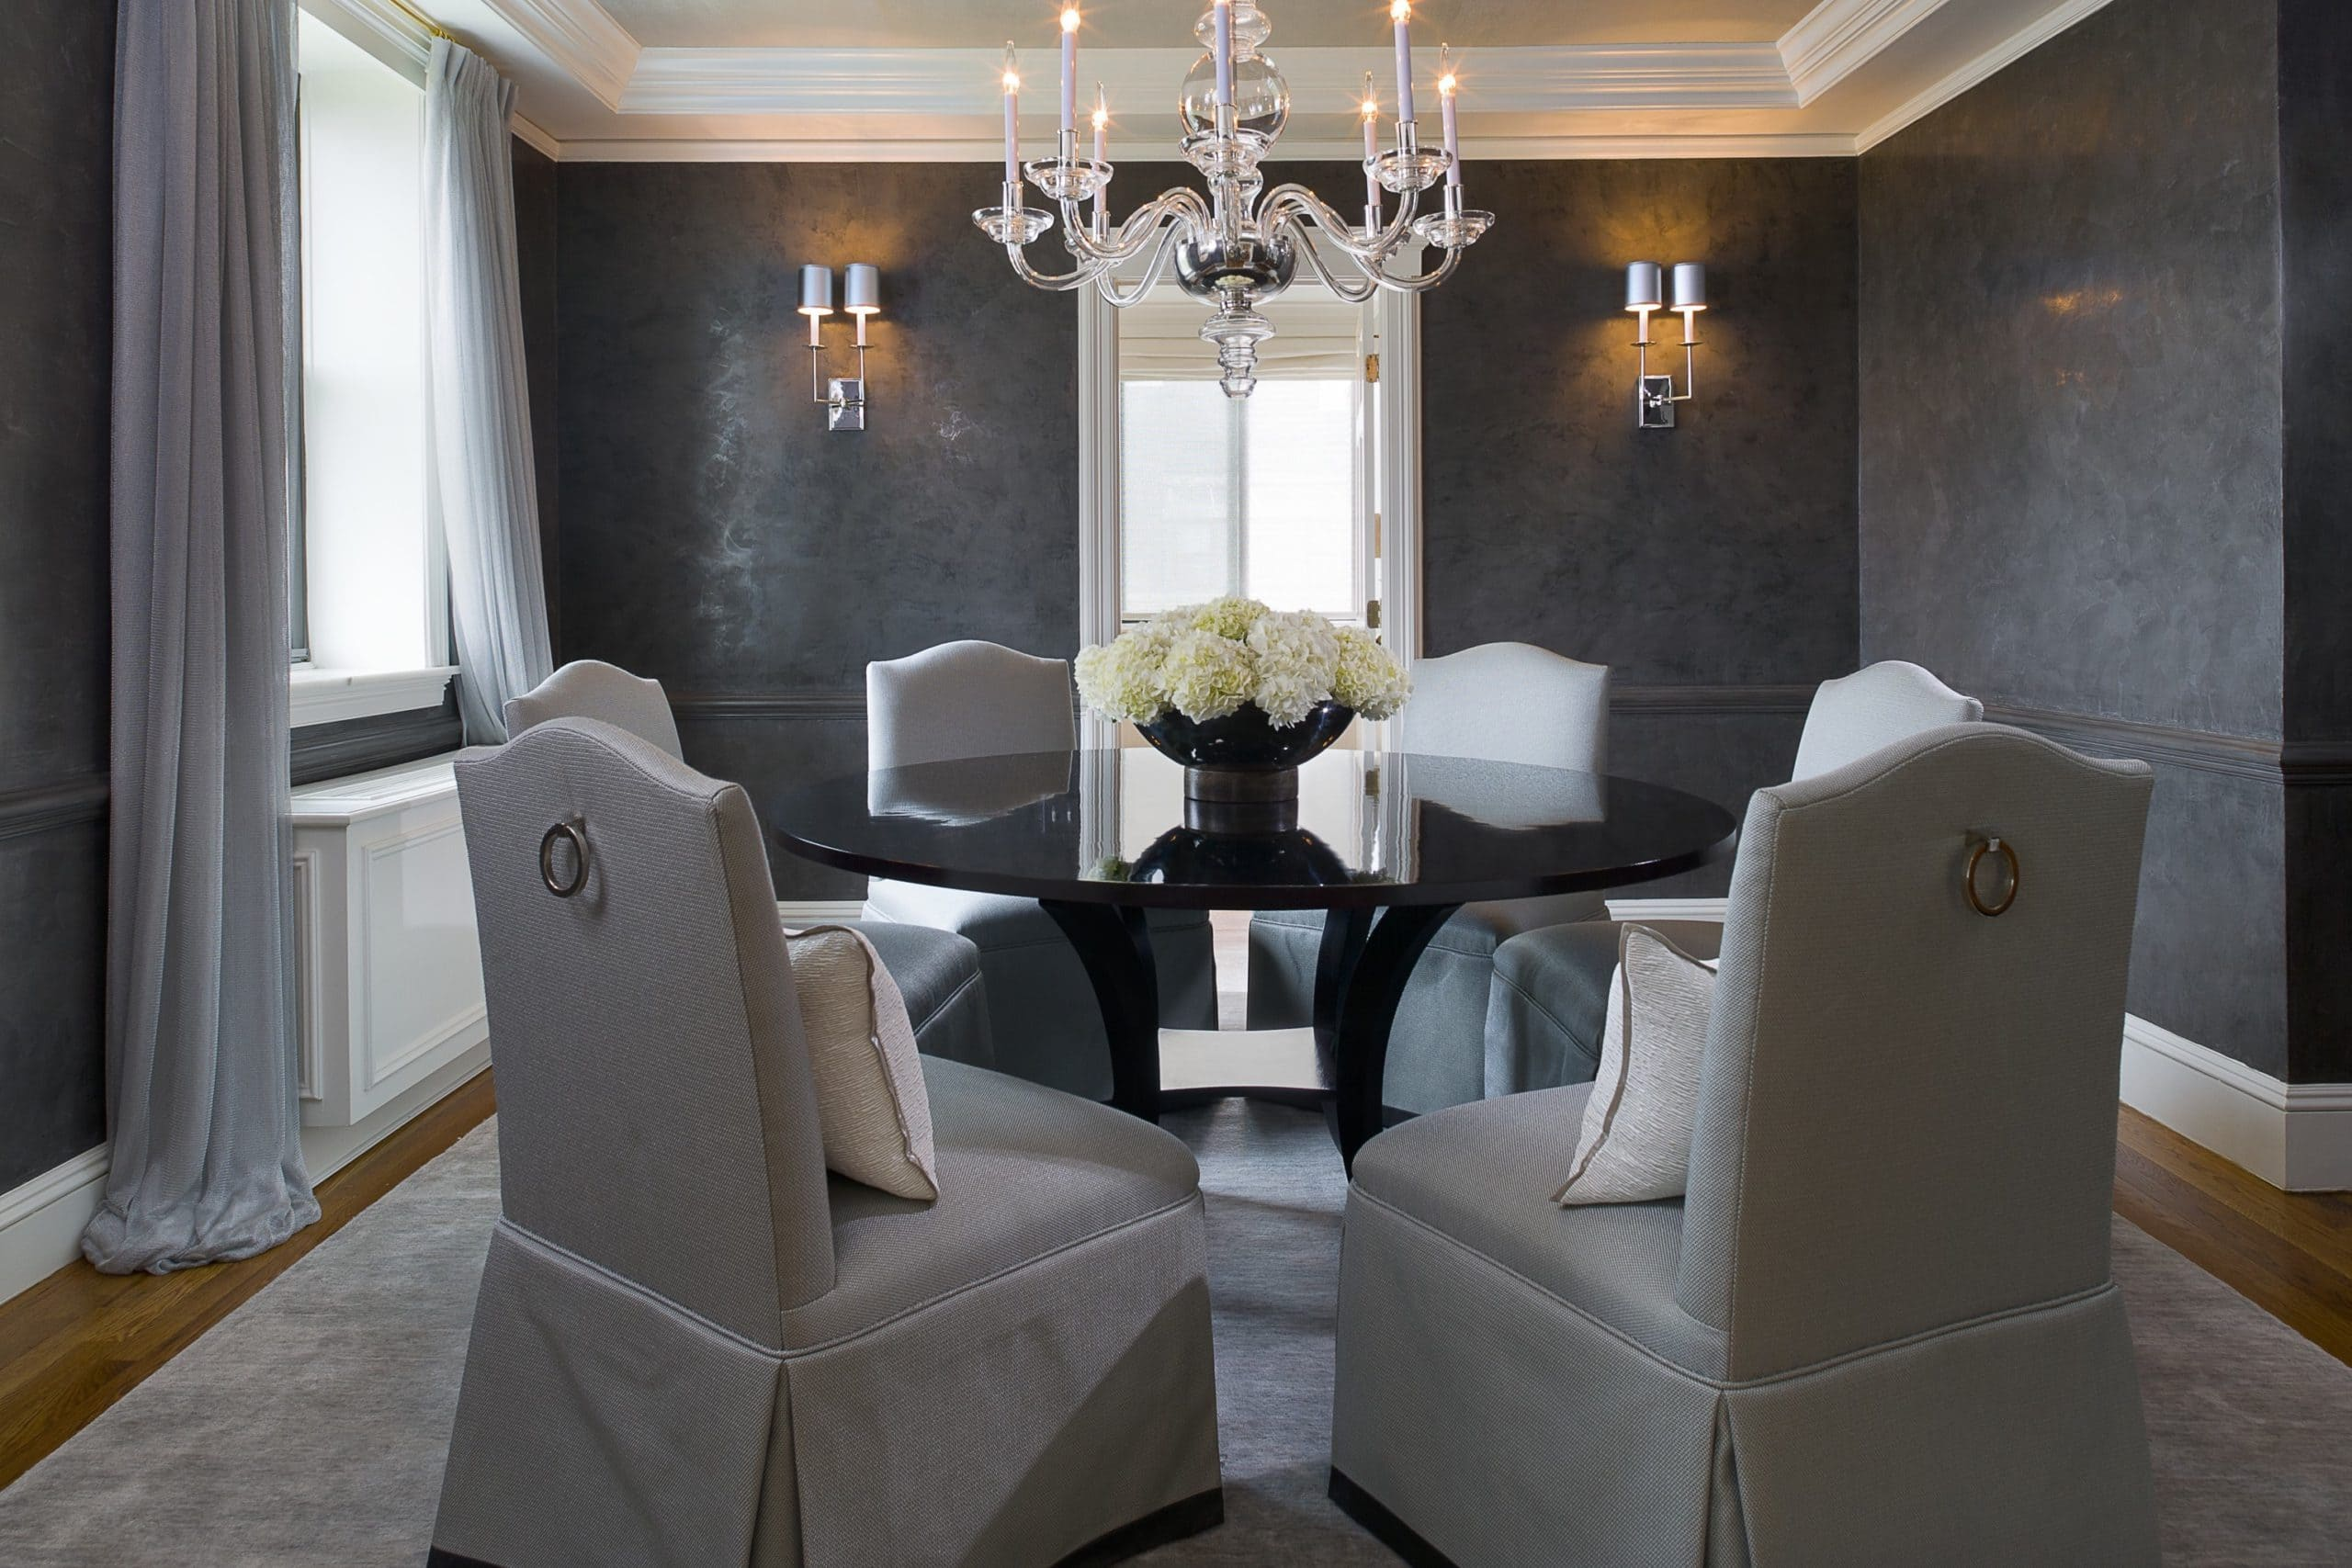 Декоративная штукатурка - лучшие красивые варианты отделки стен в интерьере 003